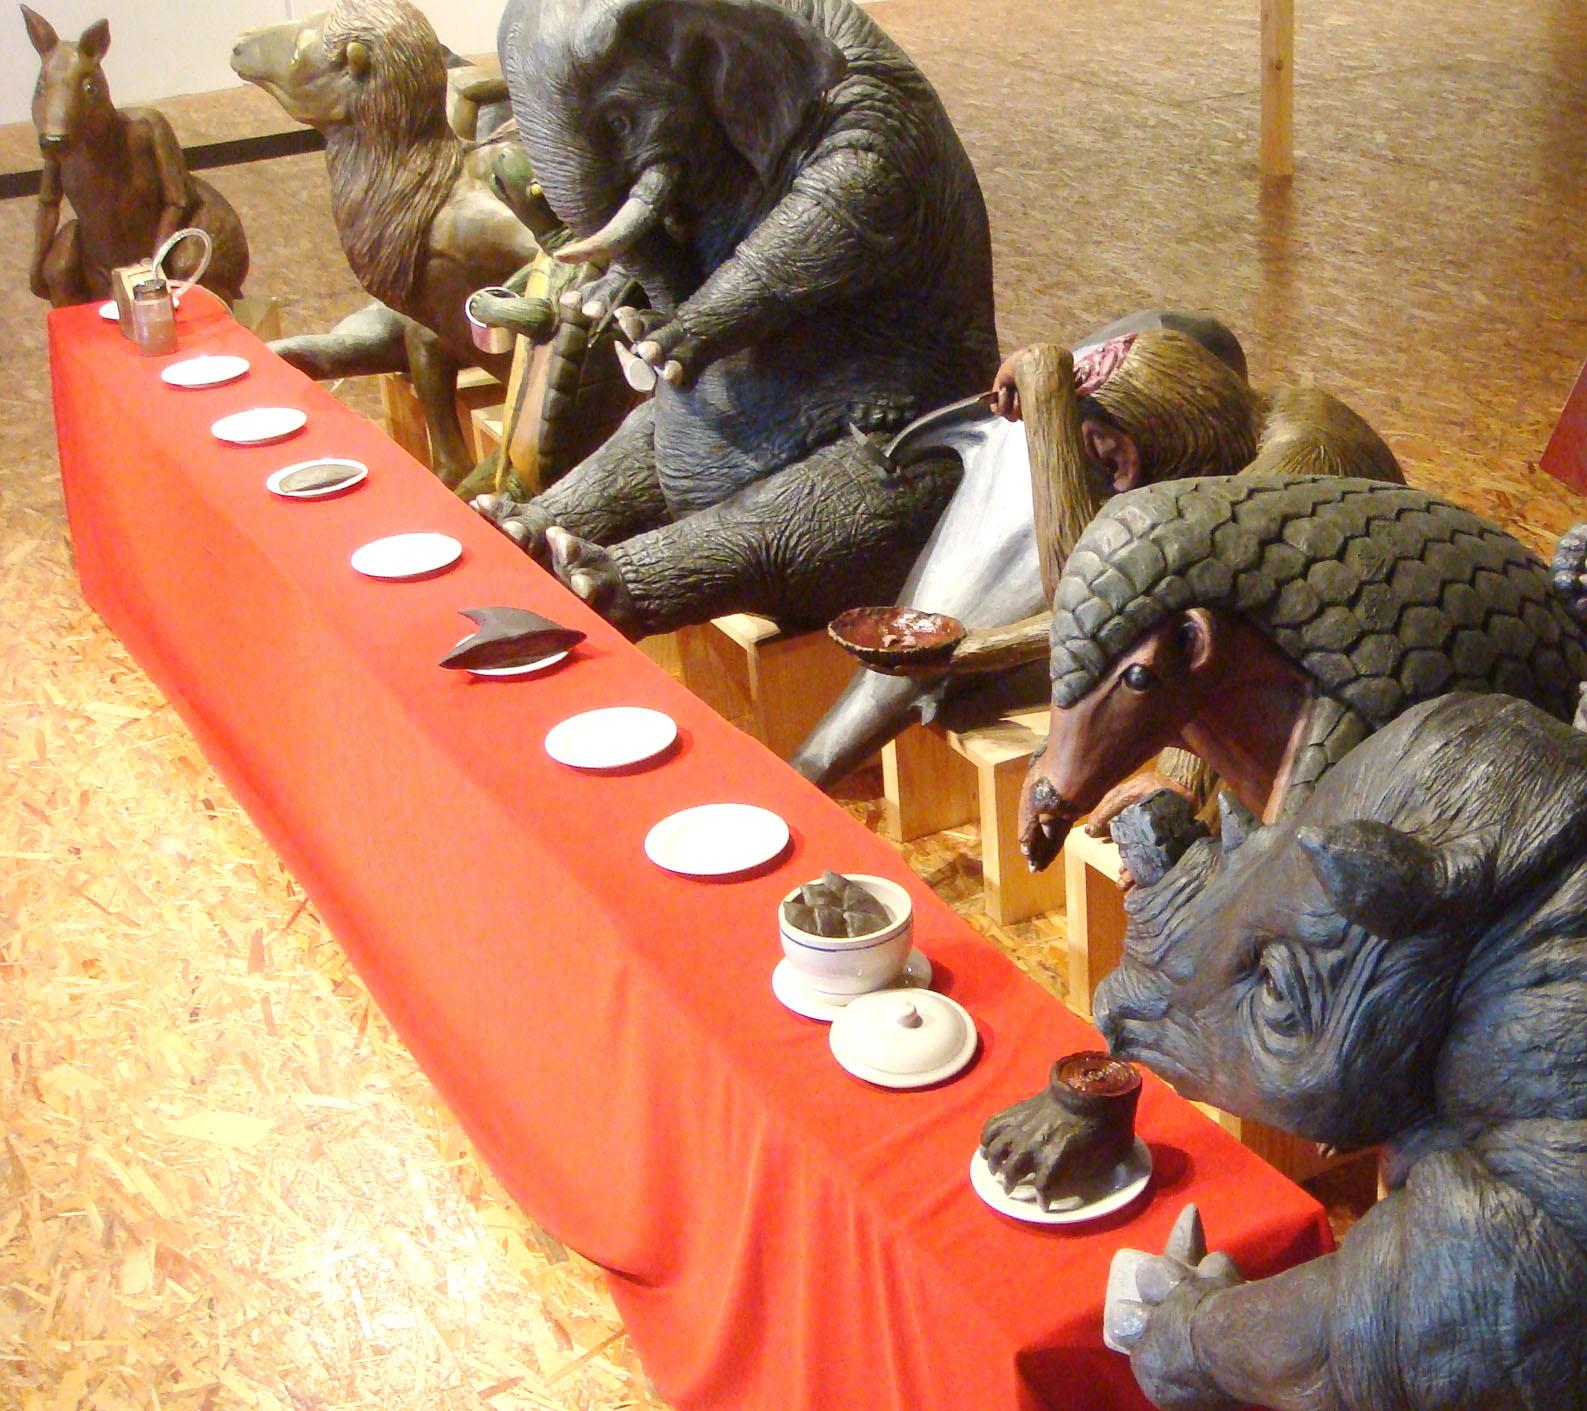 劉哲榮個展「Last Supper」 2012.10.06 ~ 2012.10.31  2012年秋季甫開張的黑白切,劉哲榮是第一檔備受好評的新銳藝術家。 劉哲榮重新演繹了一則家喻戶曉的聖經故事「最後的晚餐」,故事指出耶穌死 前與十二門徒共進晚餐的事件。藝術歷史裡常有藝術家以此作為發揮的題材, 其中最著名的是達文西所畫的同名之作。  劉哲榮取其共進晚餐的概念,把聖經人物轉換為十種不同種類動物,分別為大 象、鯨魚、熊、袋鼠、猴、海龜、食蟻獸等,餐點來自於彼此交換的食材,是 他們身上最具價值的熊掌、